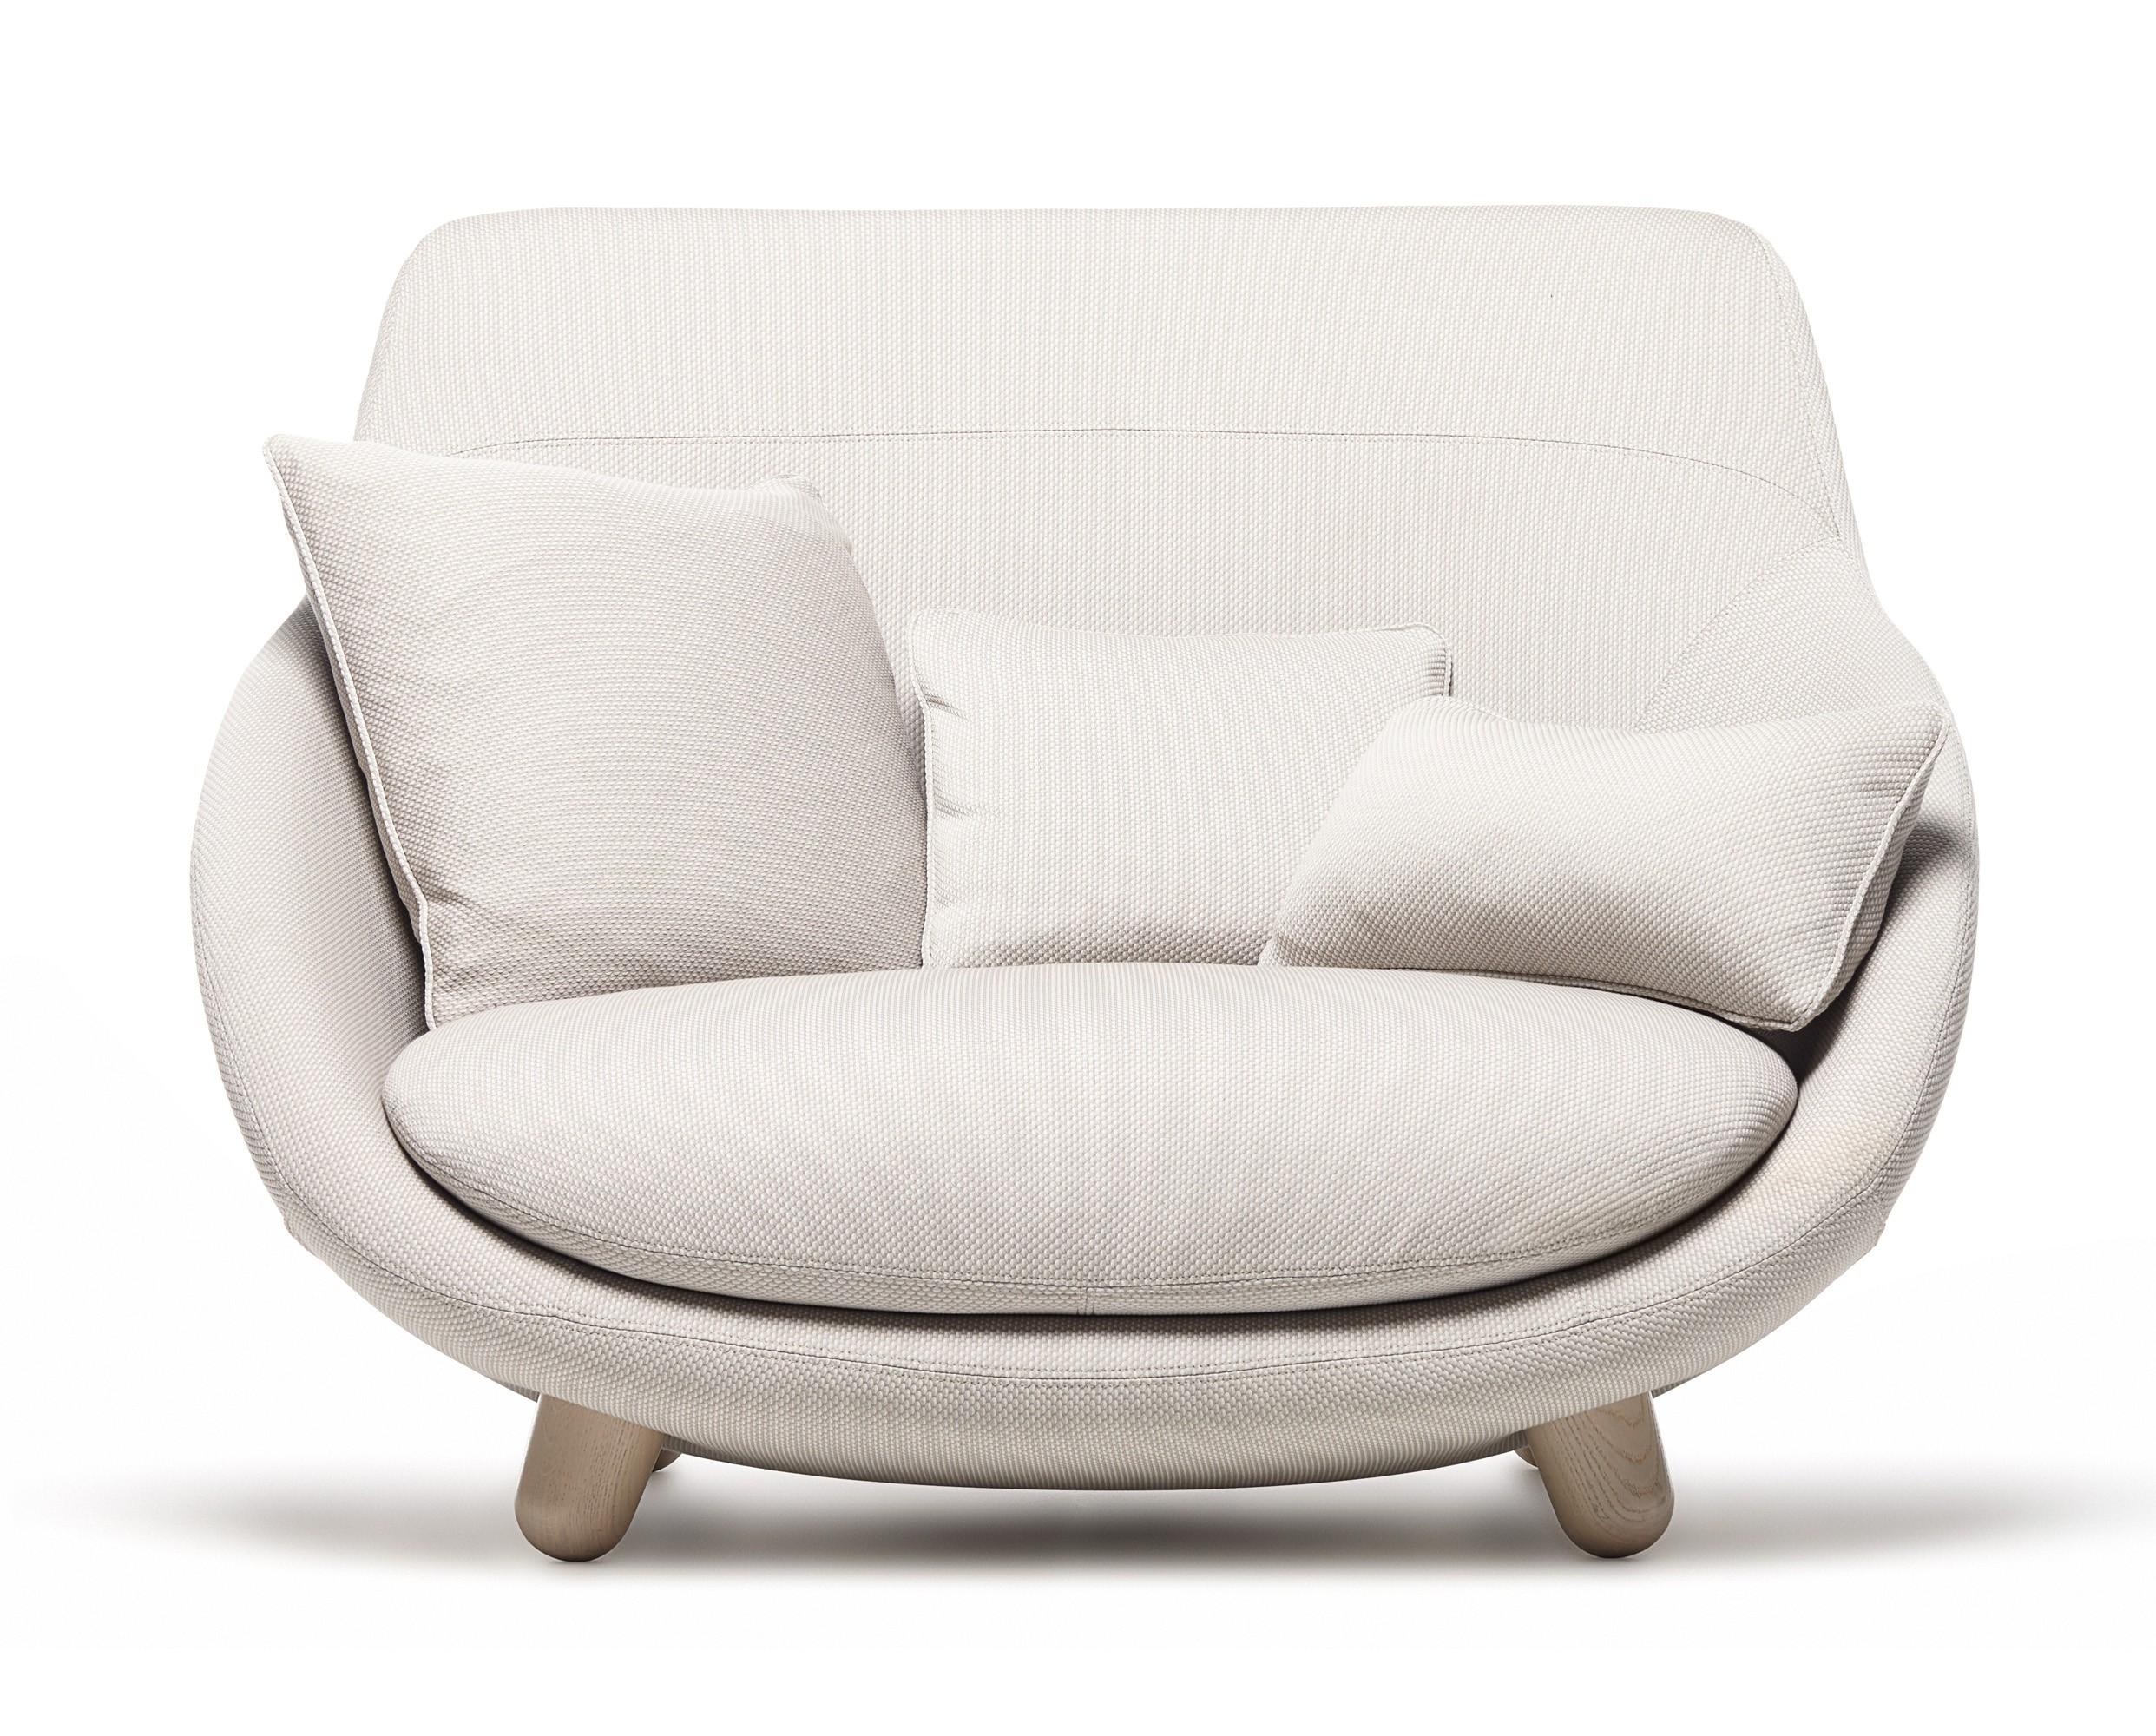 moooi love sofa high back OJFCNUP